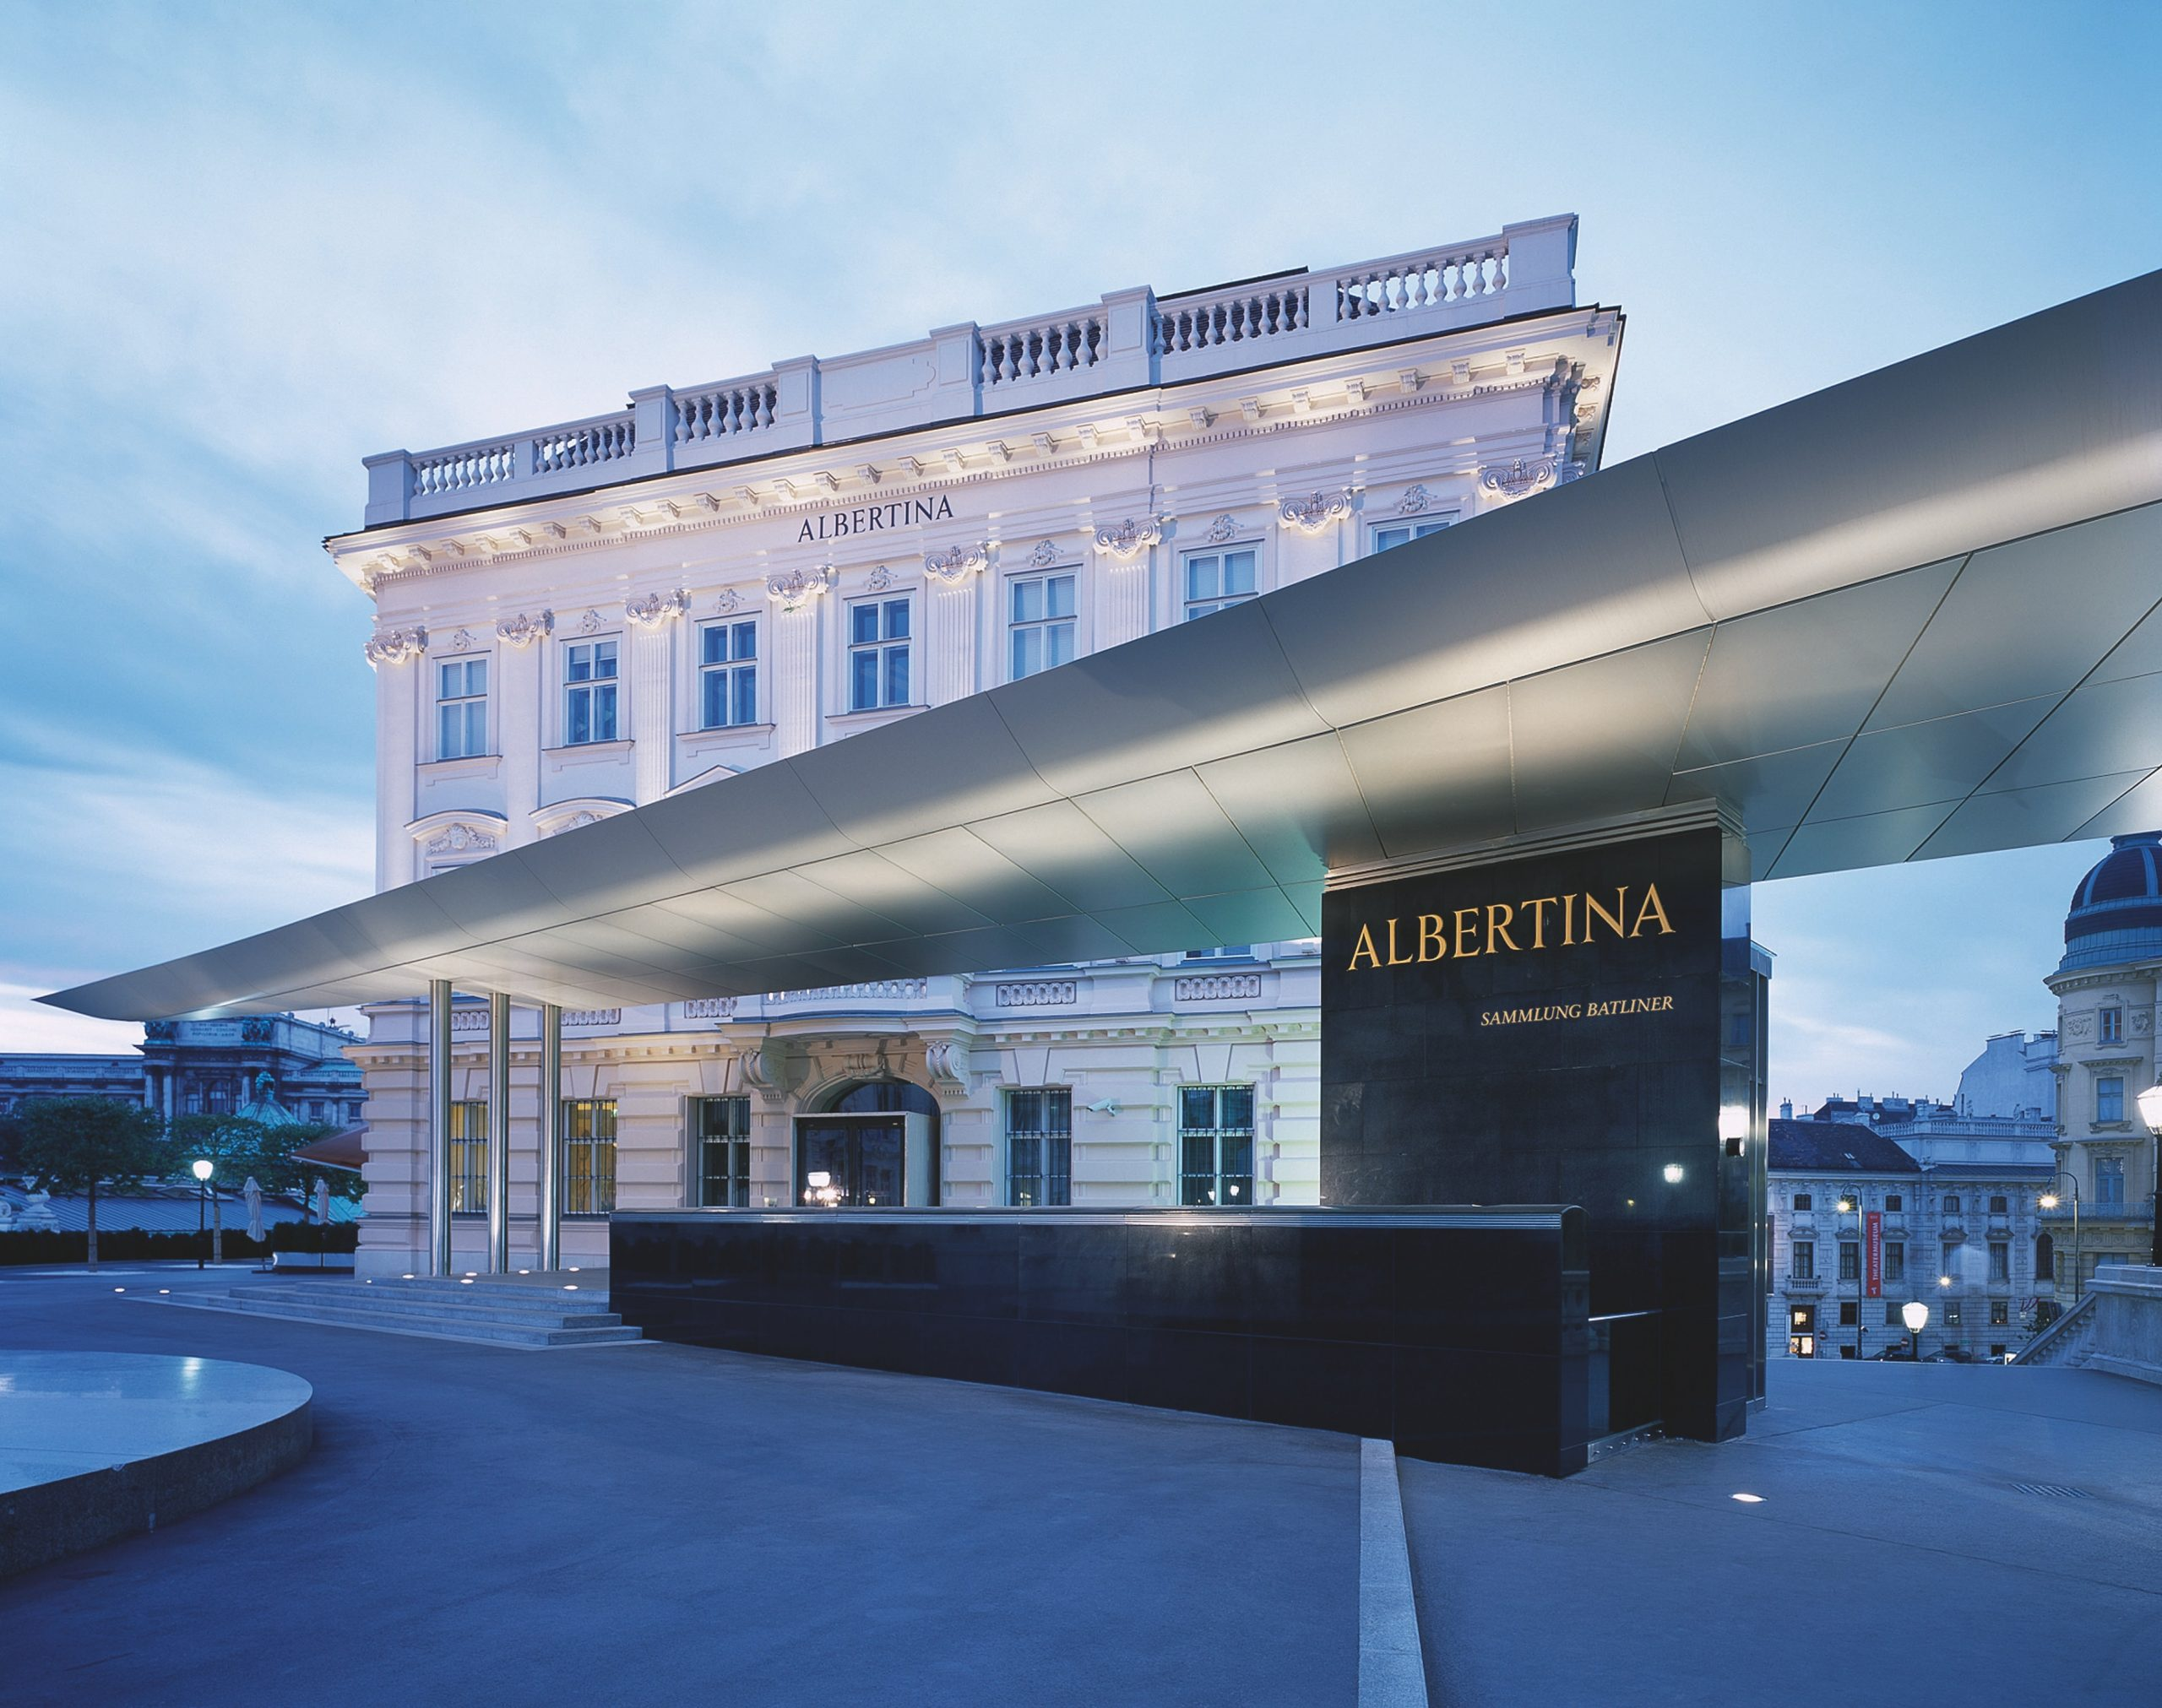 Галерия ALBERTINA във Виена е мястото, което трябва да посетите, ако имате интерес към световното изобразително изкуство